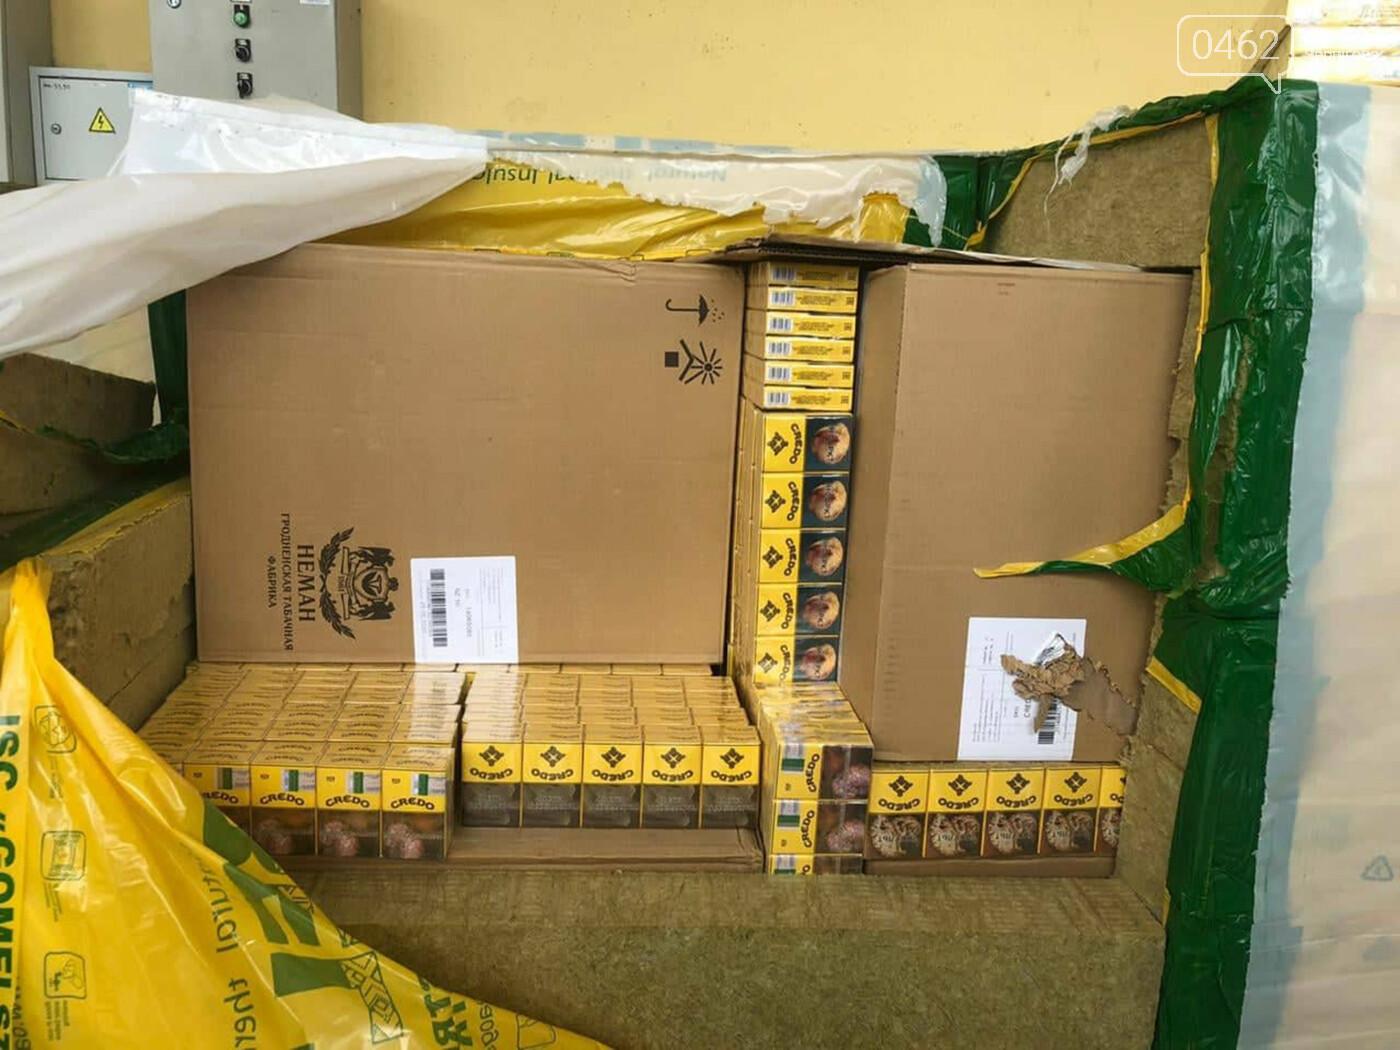 Знову контрабанда цигарок. У Чернігівську область білорус намагався ввезти незаконний вантаж, фото-1